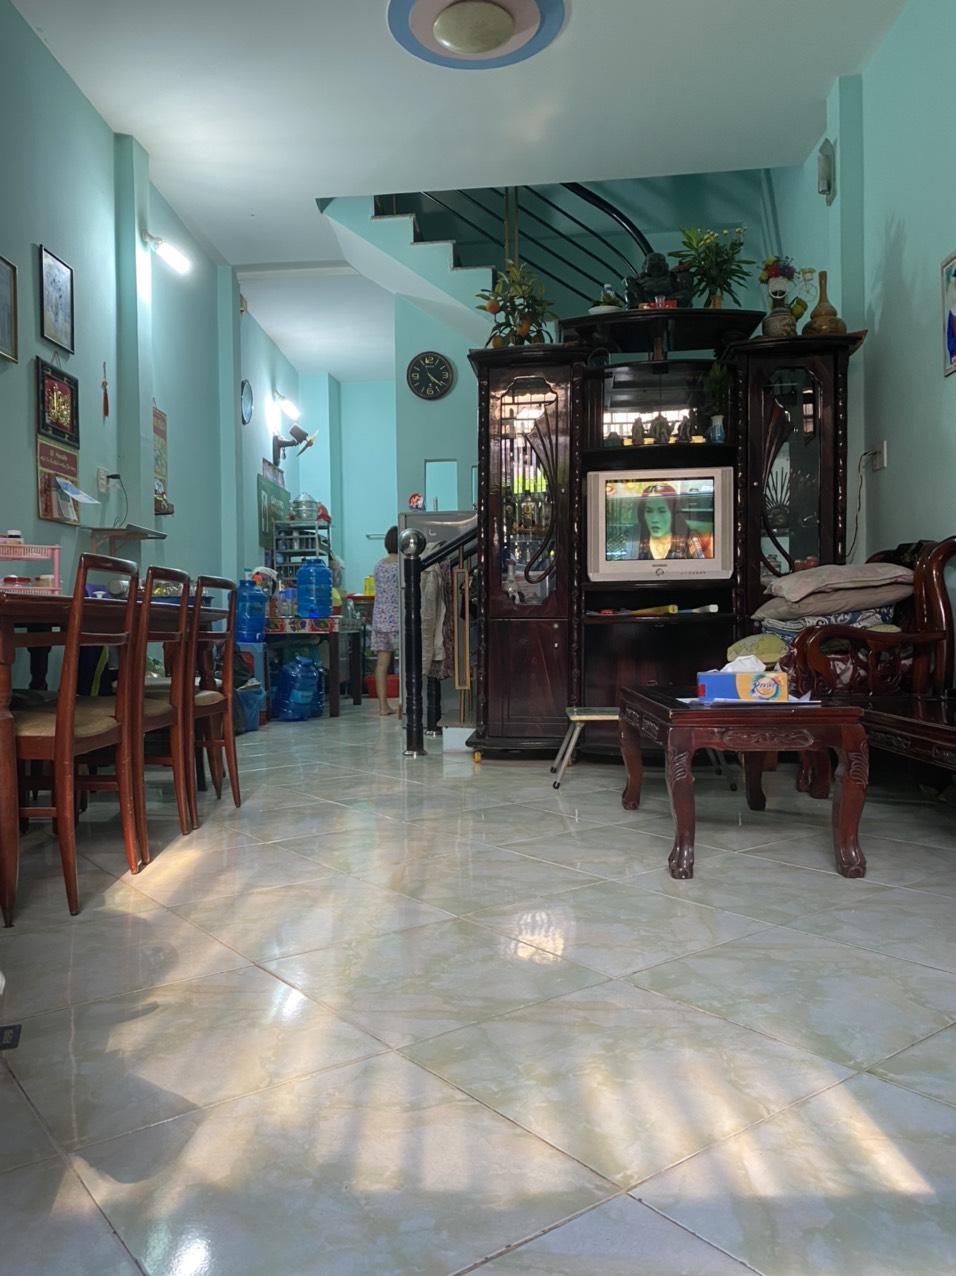 Bán nhà quận Bình Tân dưới 3 tỷ hẻm 4m Đường số 16A Bình Hưng Hòa A quận Bình Tân